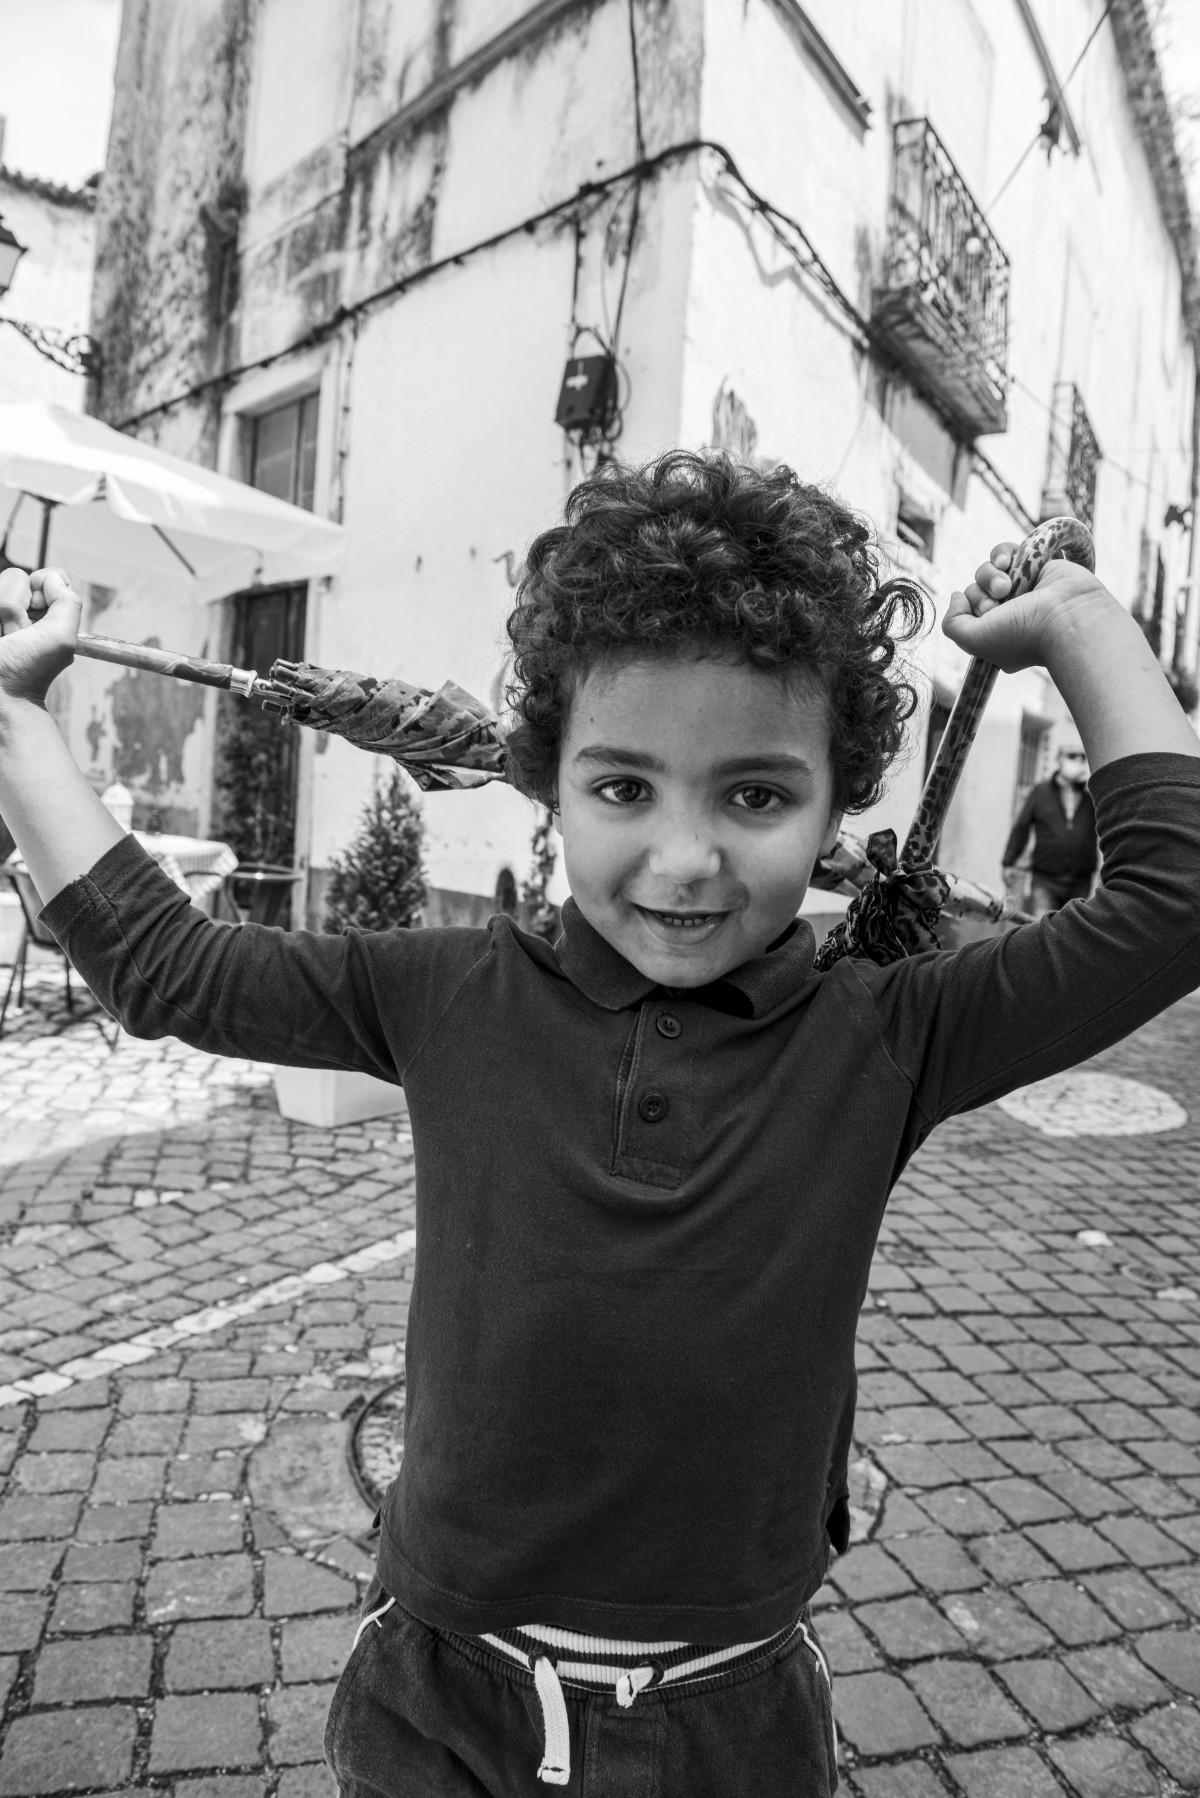 menino-a-brincar-no-centro-historico-leiria-2021